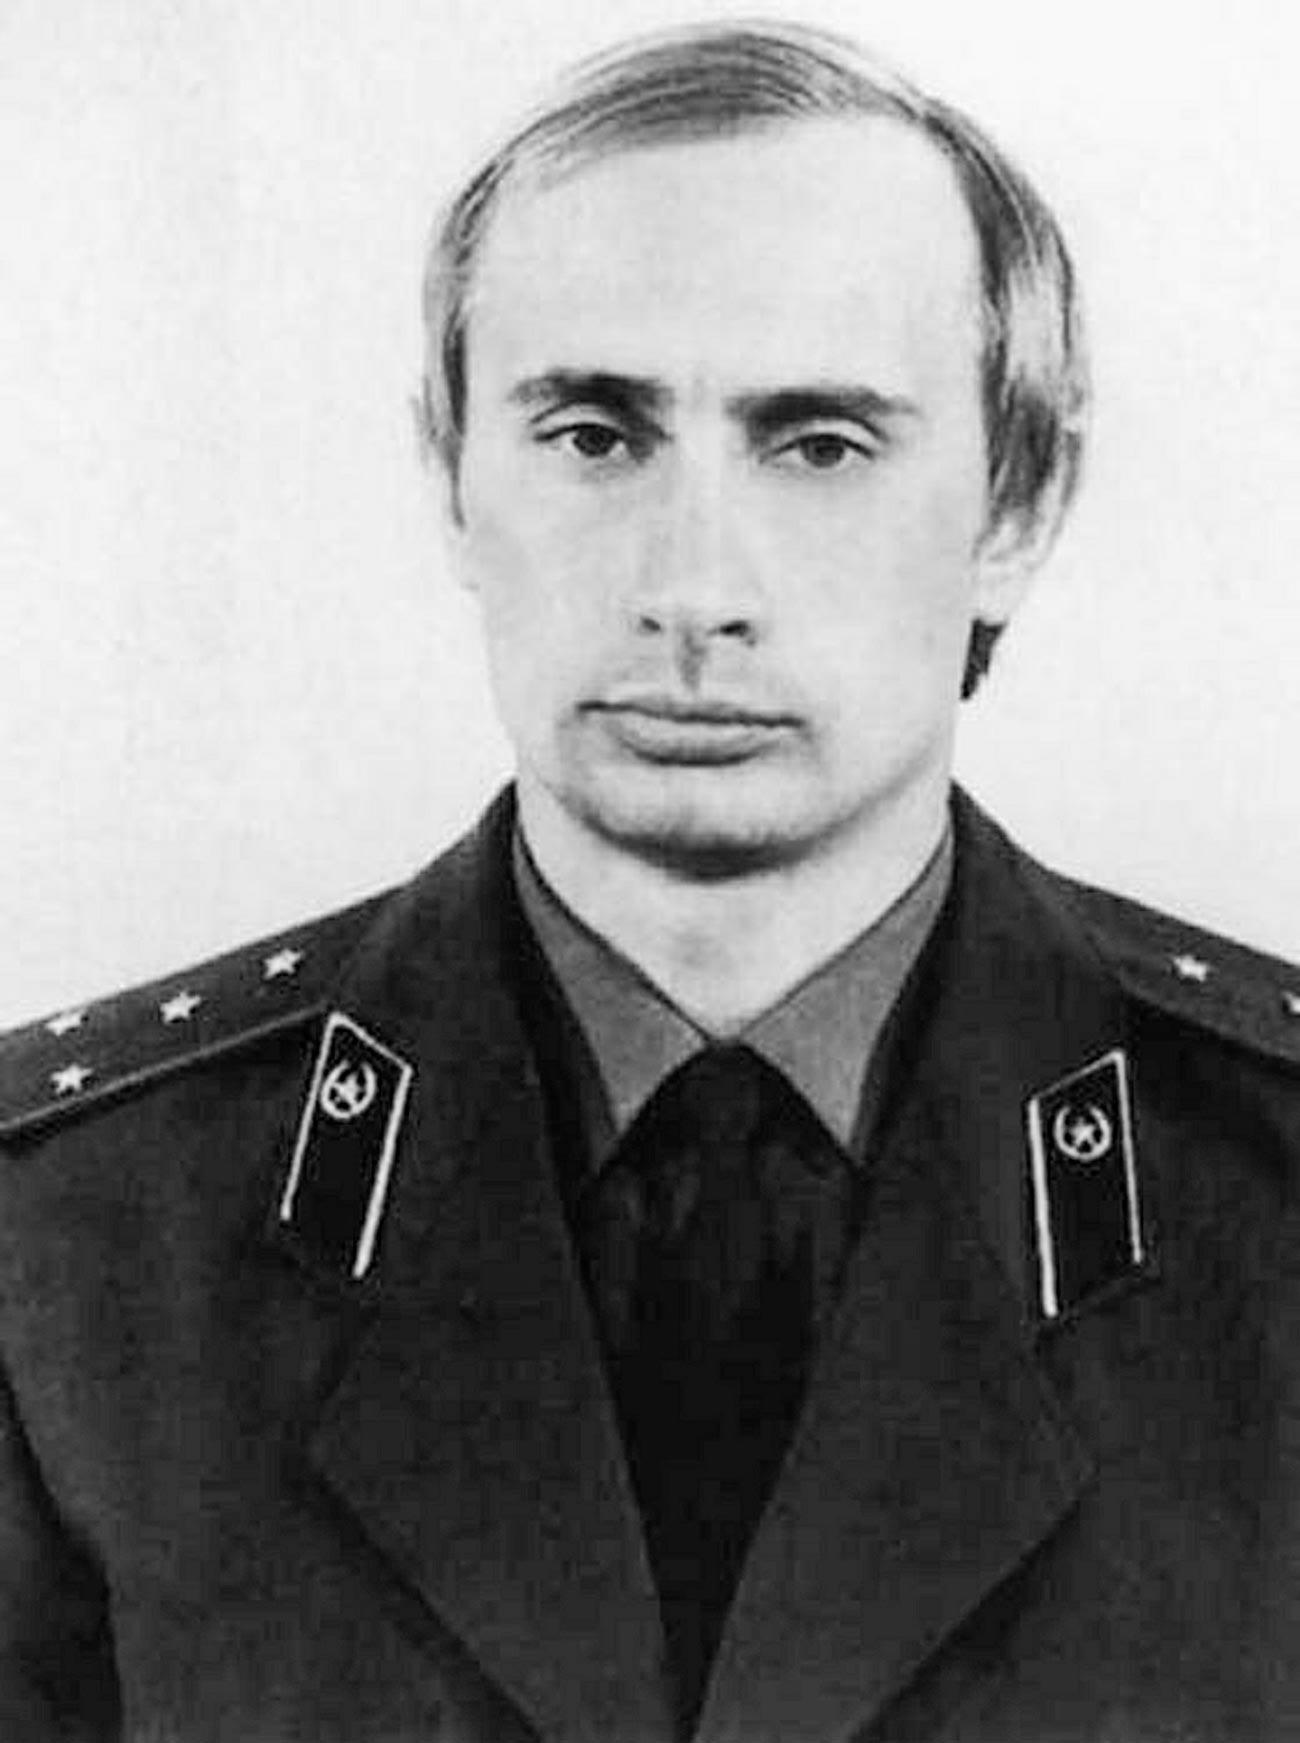 Млади Владимир Путин у униформи КГБ-а.